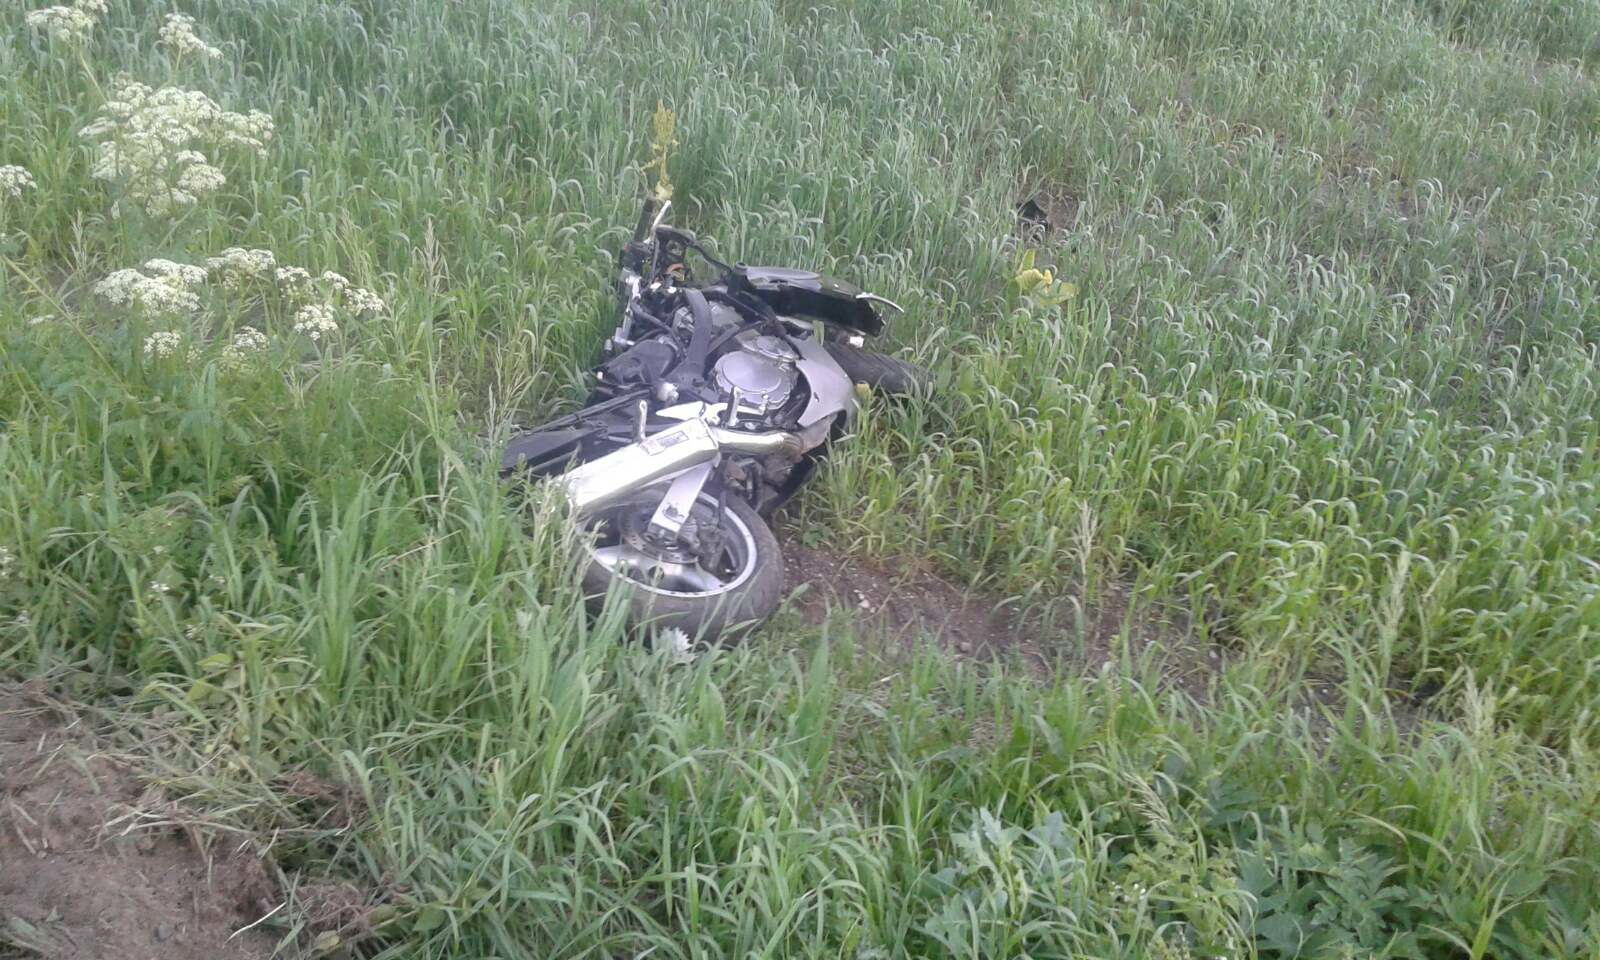 Вчера в Лиде на 11-м километре автодороги М-11 произошла авария, в которой пострадал мотоциклист